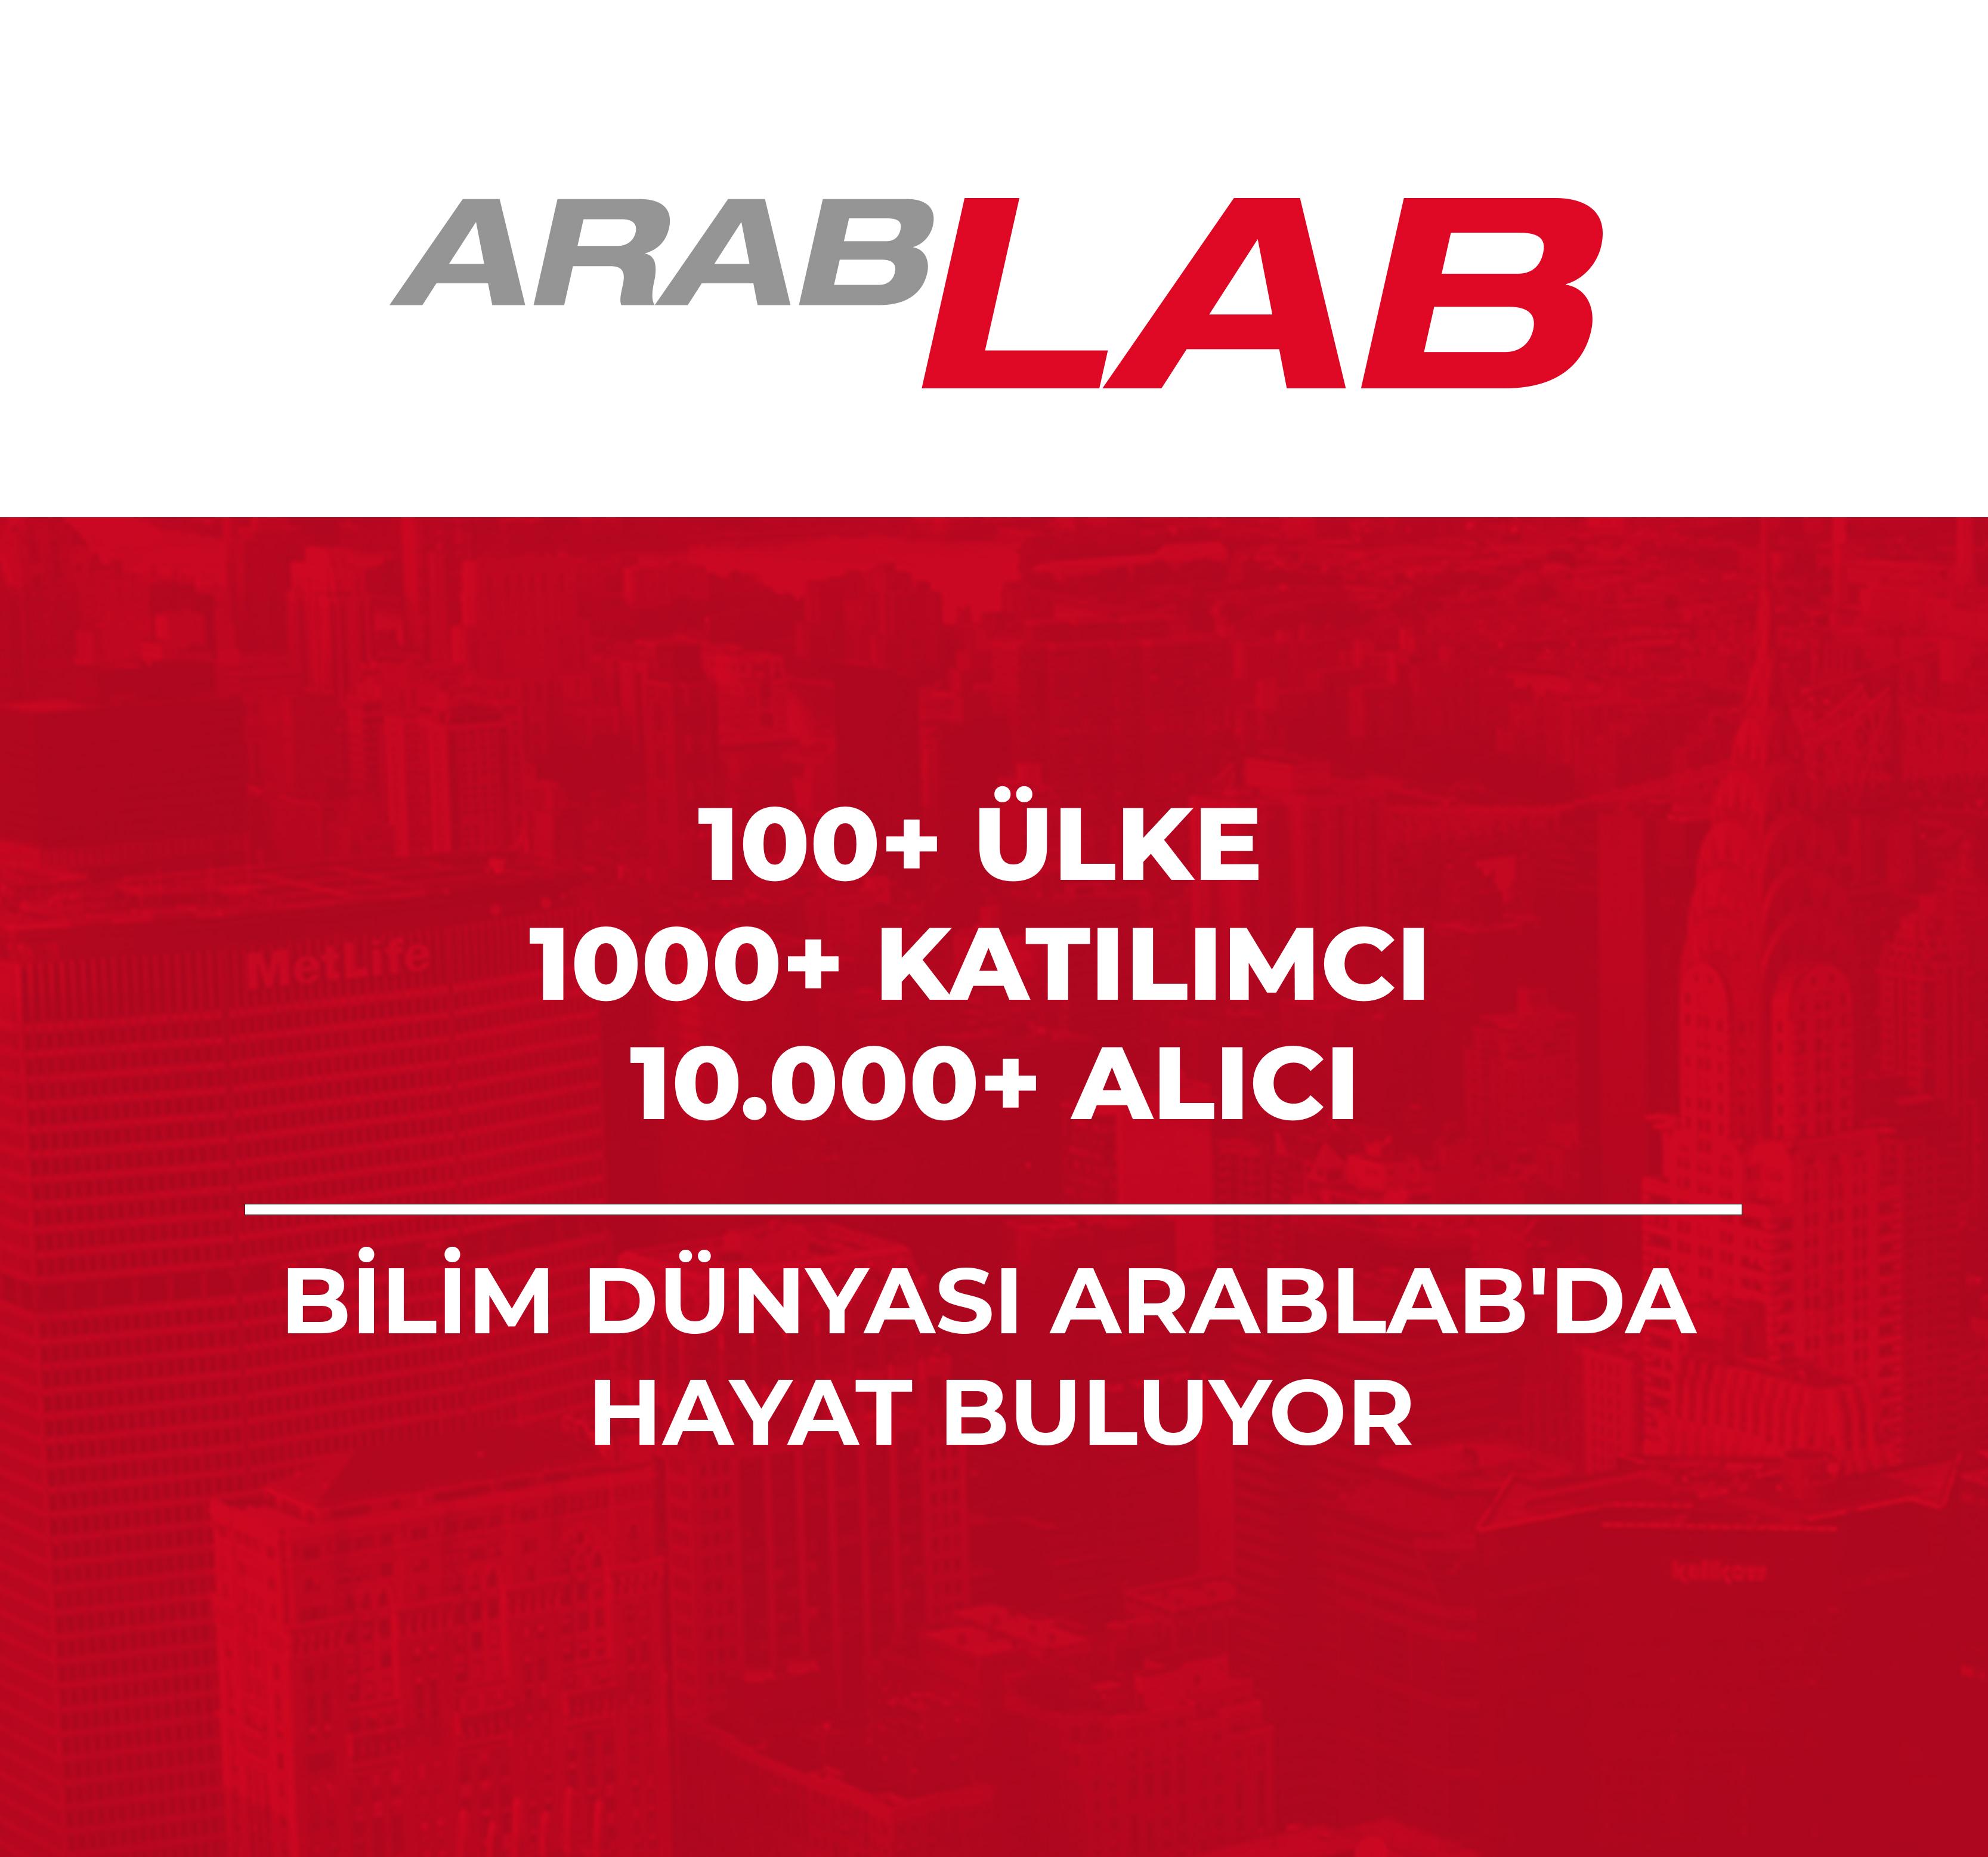 ARABLAB